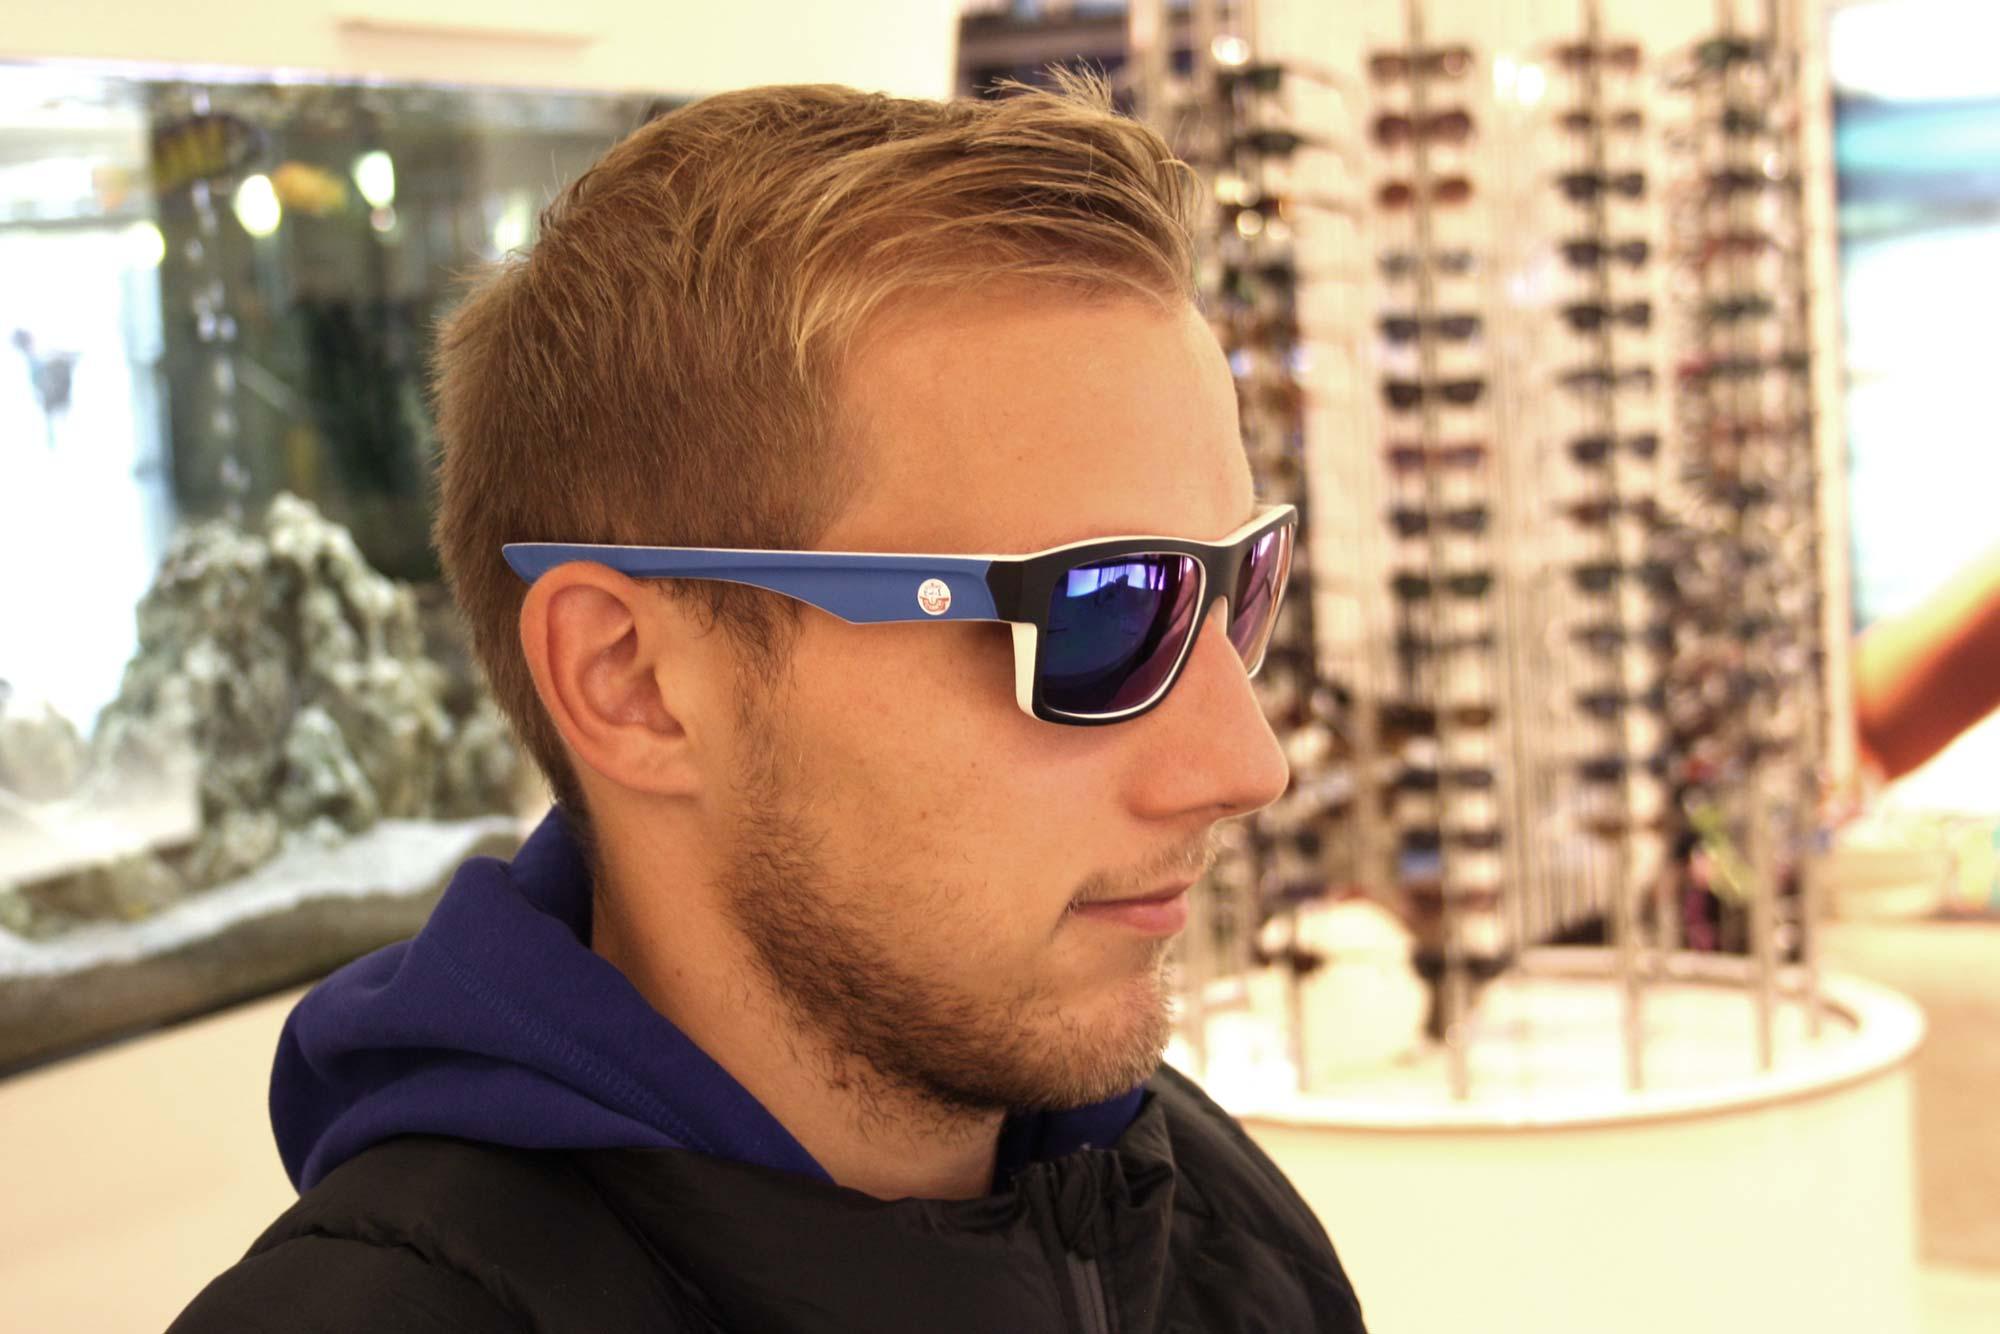 F.C. Hansa Spieler Stefan Wannenwetsch mit seiner F.C. Hansa Sonnenbrille von Optik Sagawe